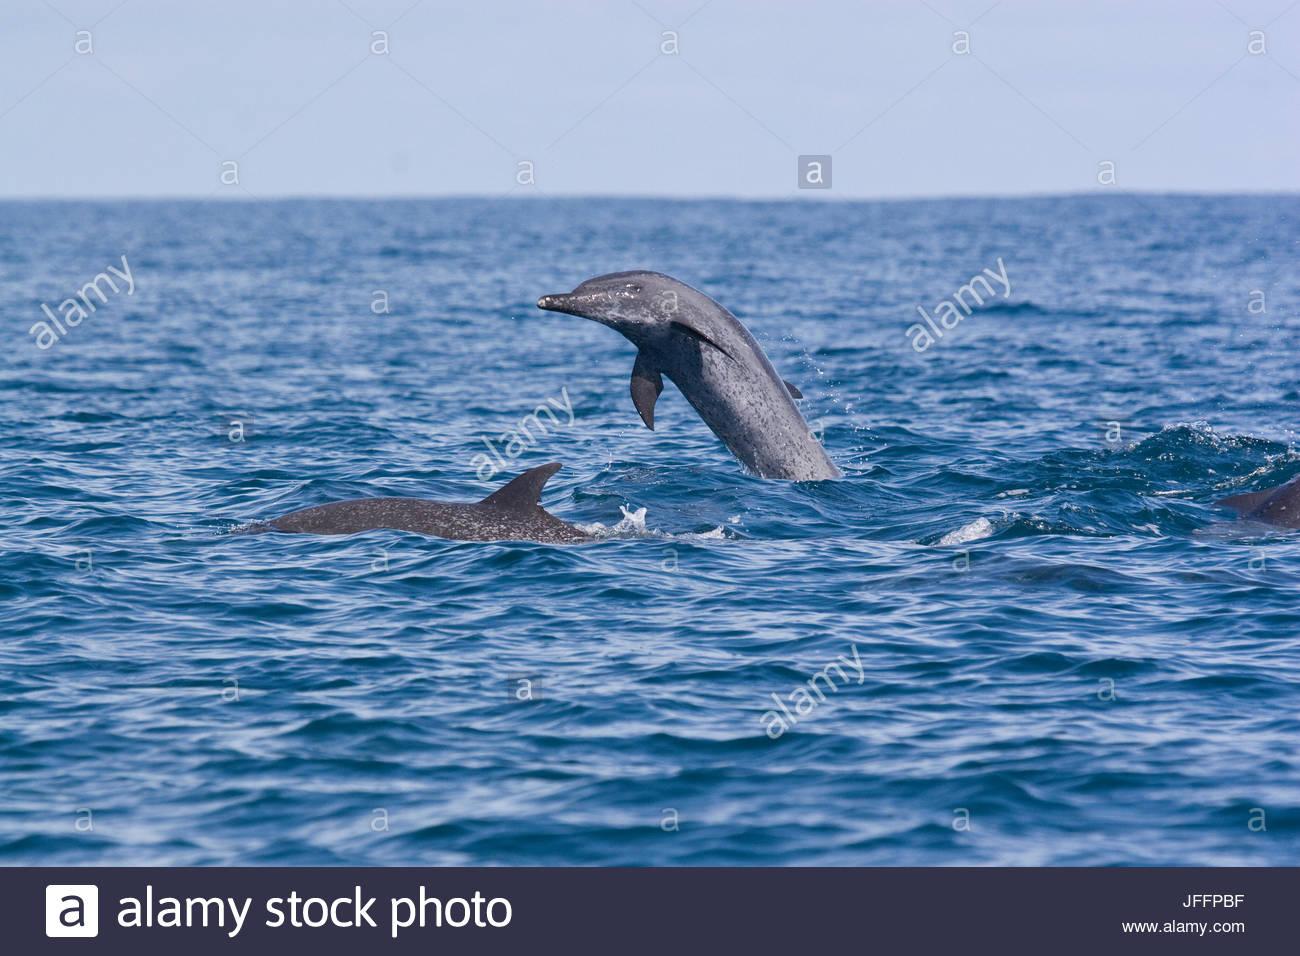 Pacific spotted dolphins, Stenella attenuata, swim off the coast of Costa Rica in the Pacific Ocean. - Stock Image